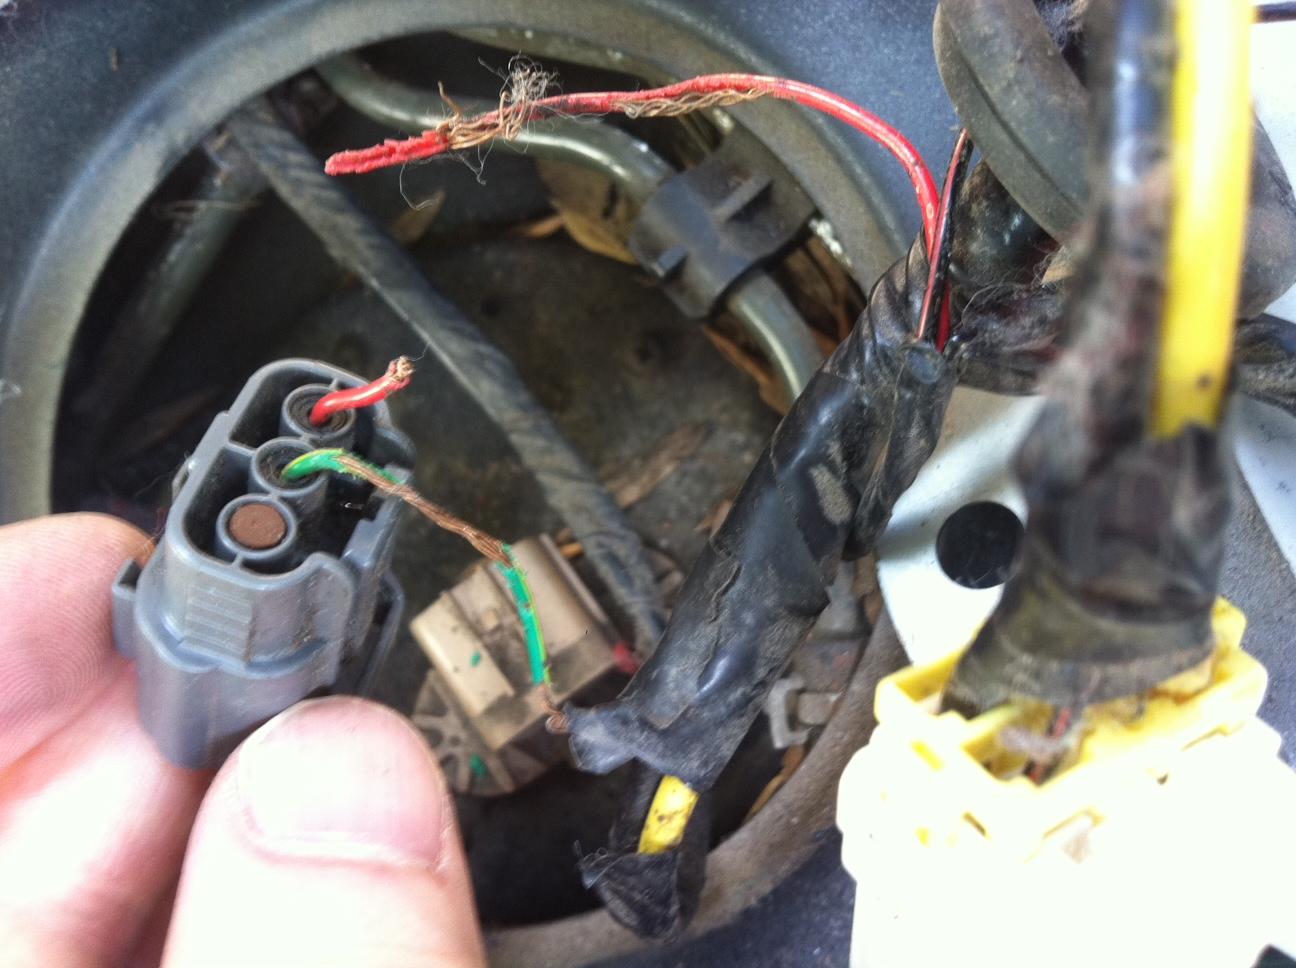 Gas Gauge Not Working >> Fuel Gauge Stuck On E Mazda Forum